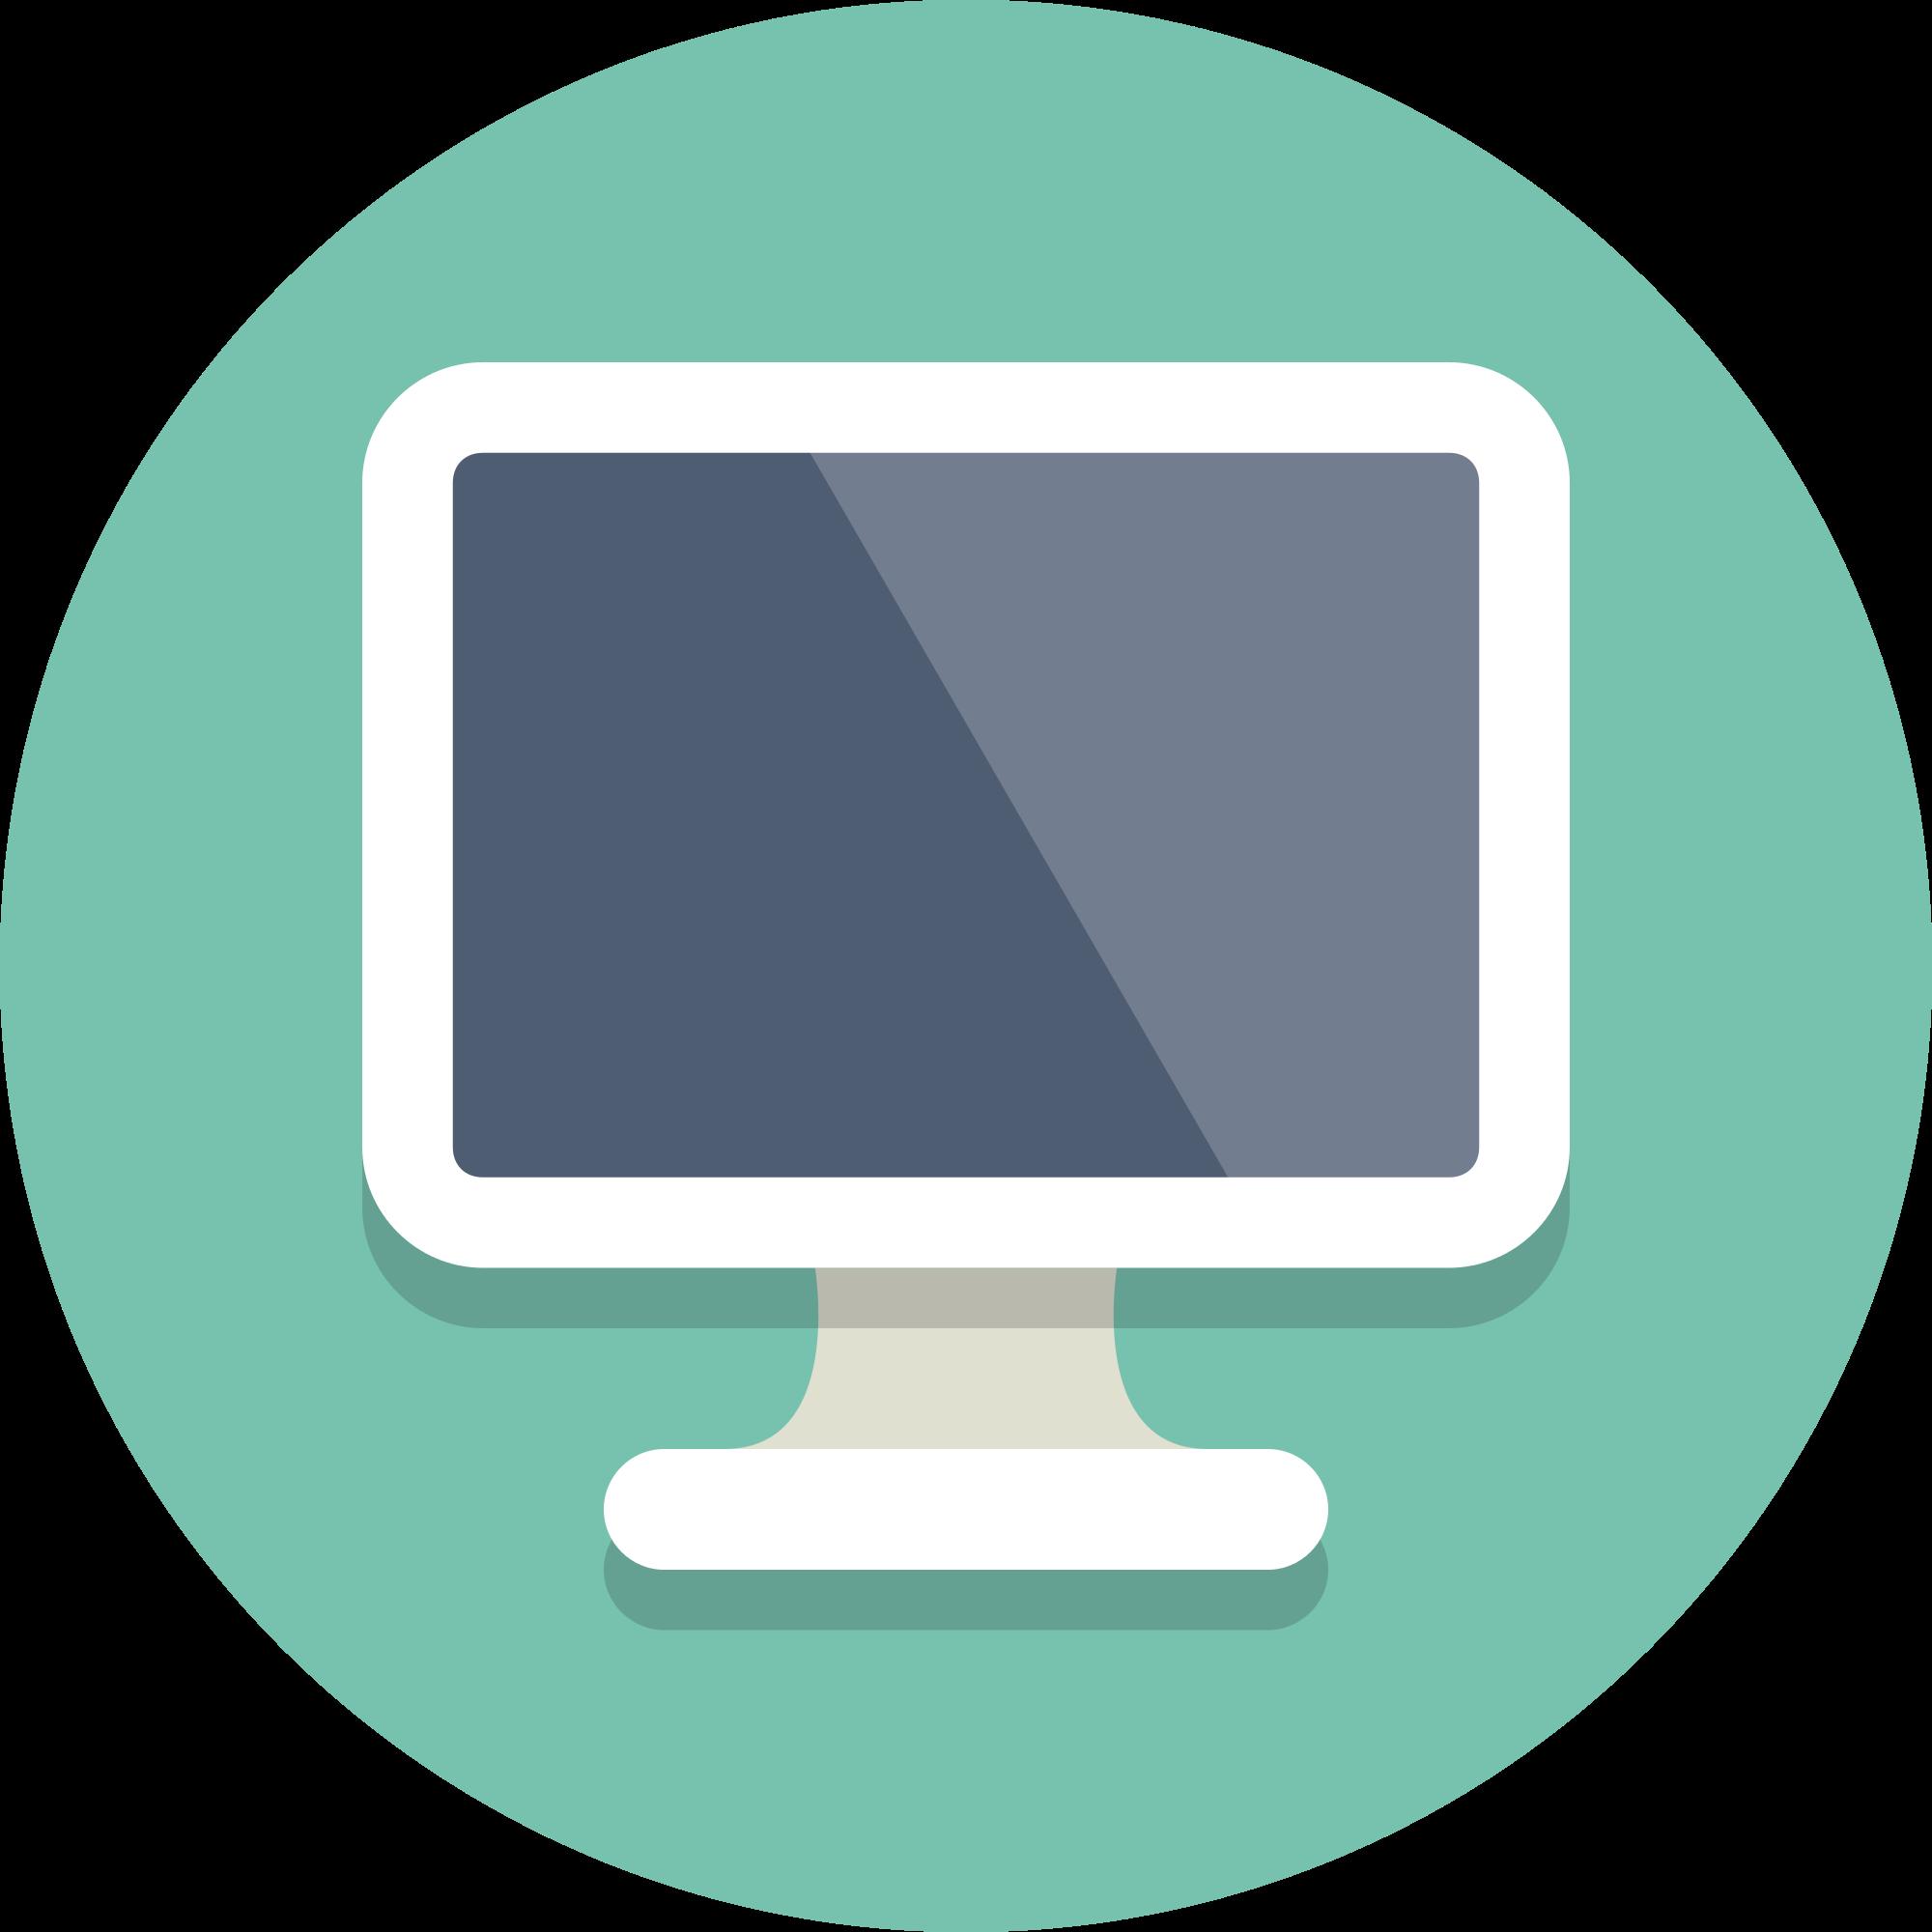 Pc clipart desktop icon, Pc desktop icon Transparent FREE.